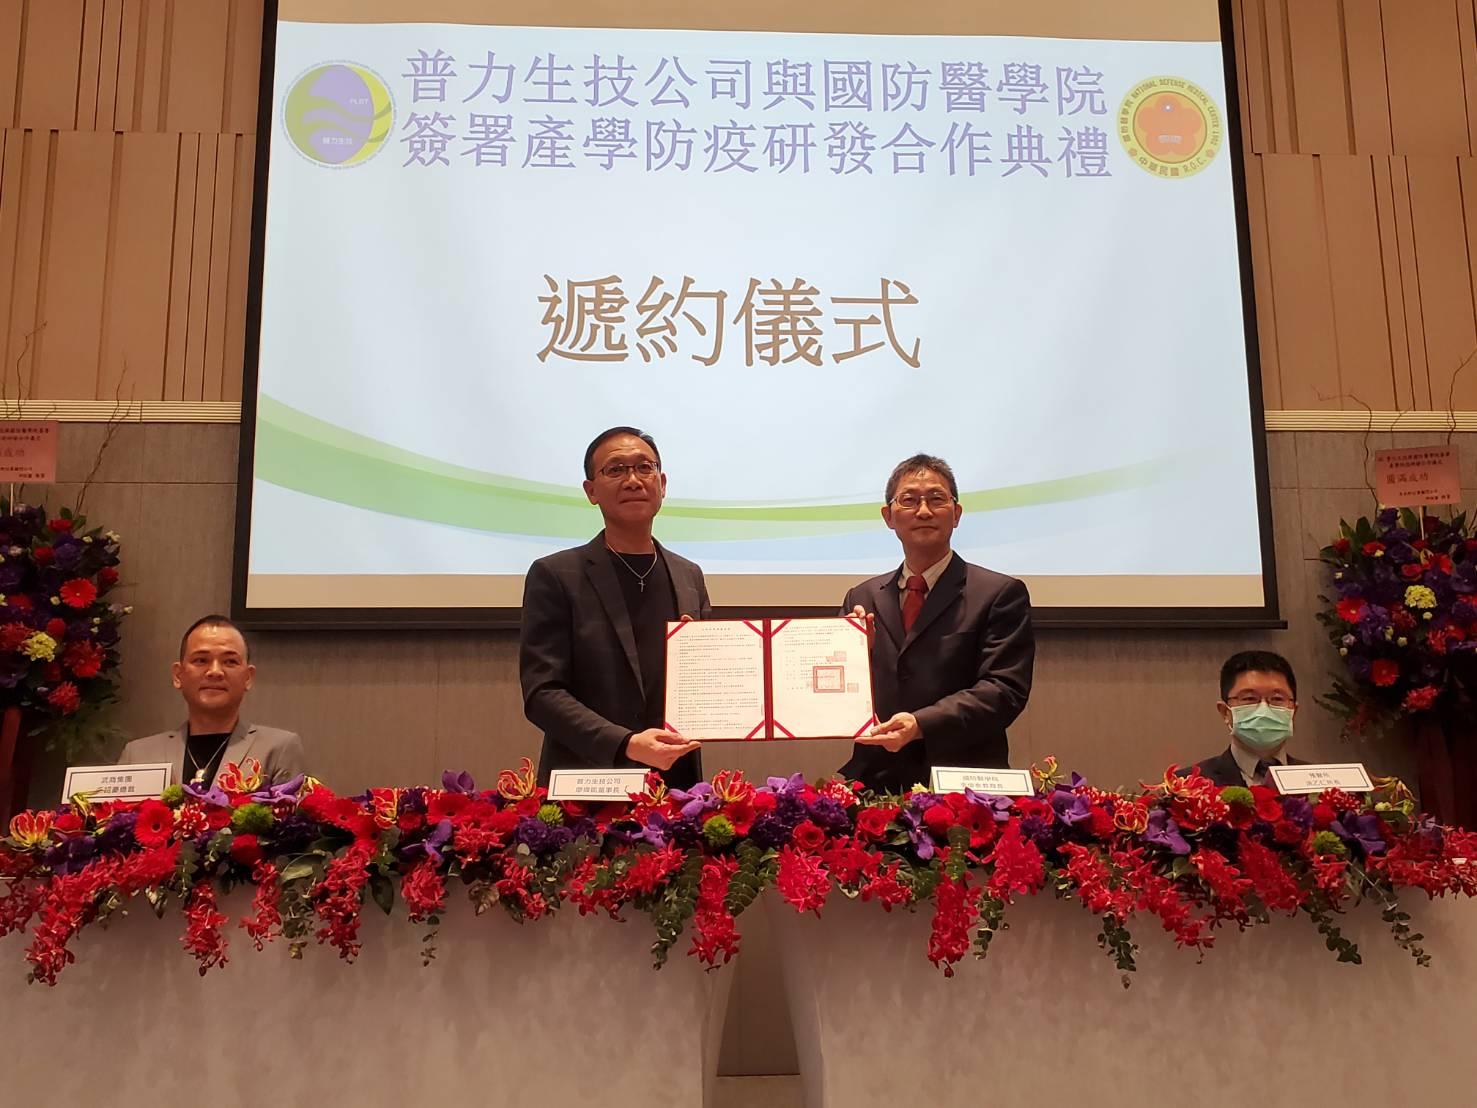 「武商集團」旗下「普力生技公司」由董事長廖偉凱(左2)代表與國防醫學院代表李俊泰教育長(右2)簽署產學防疫研發合作約定書。